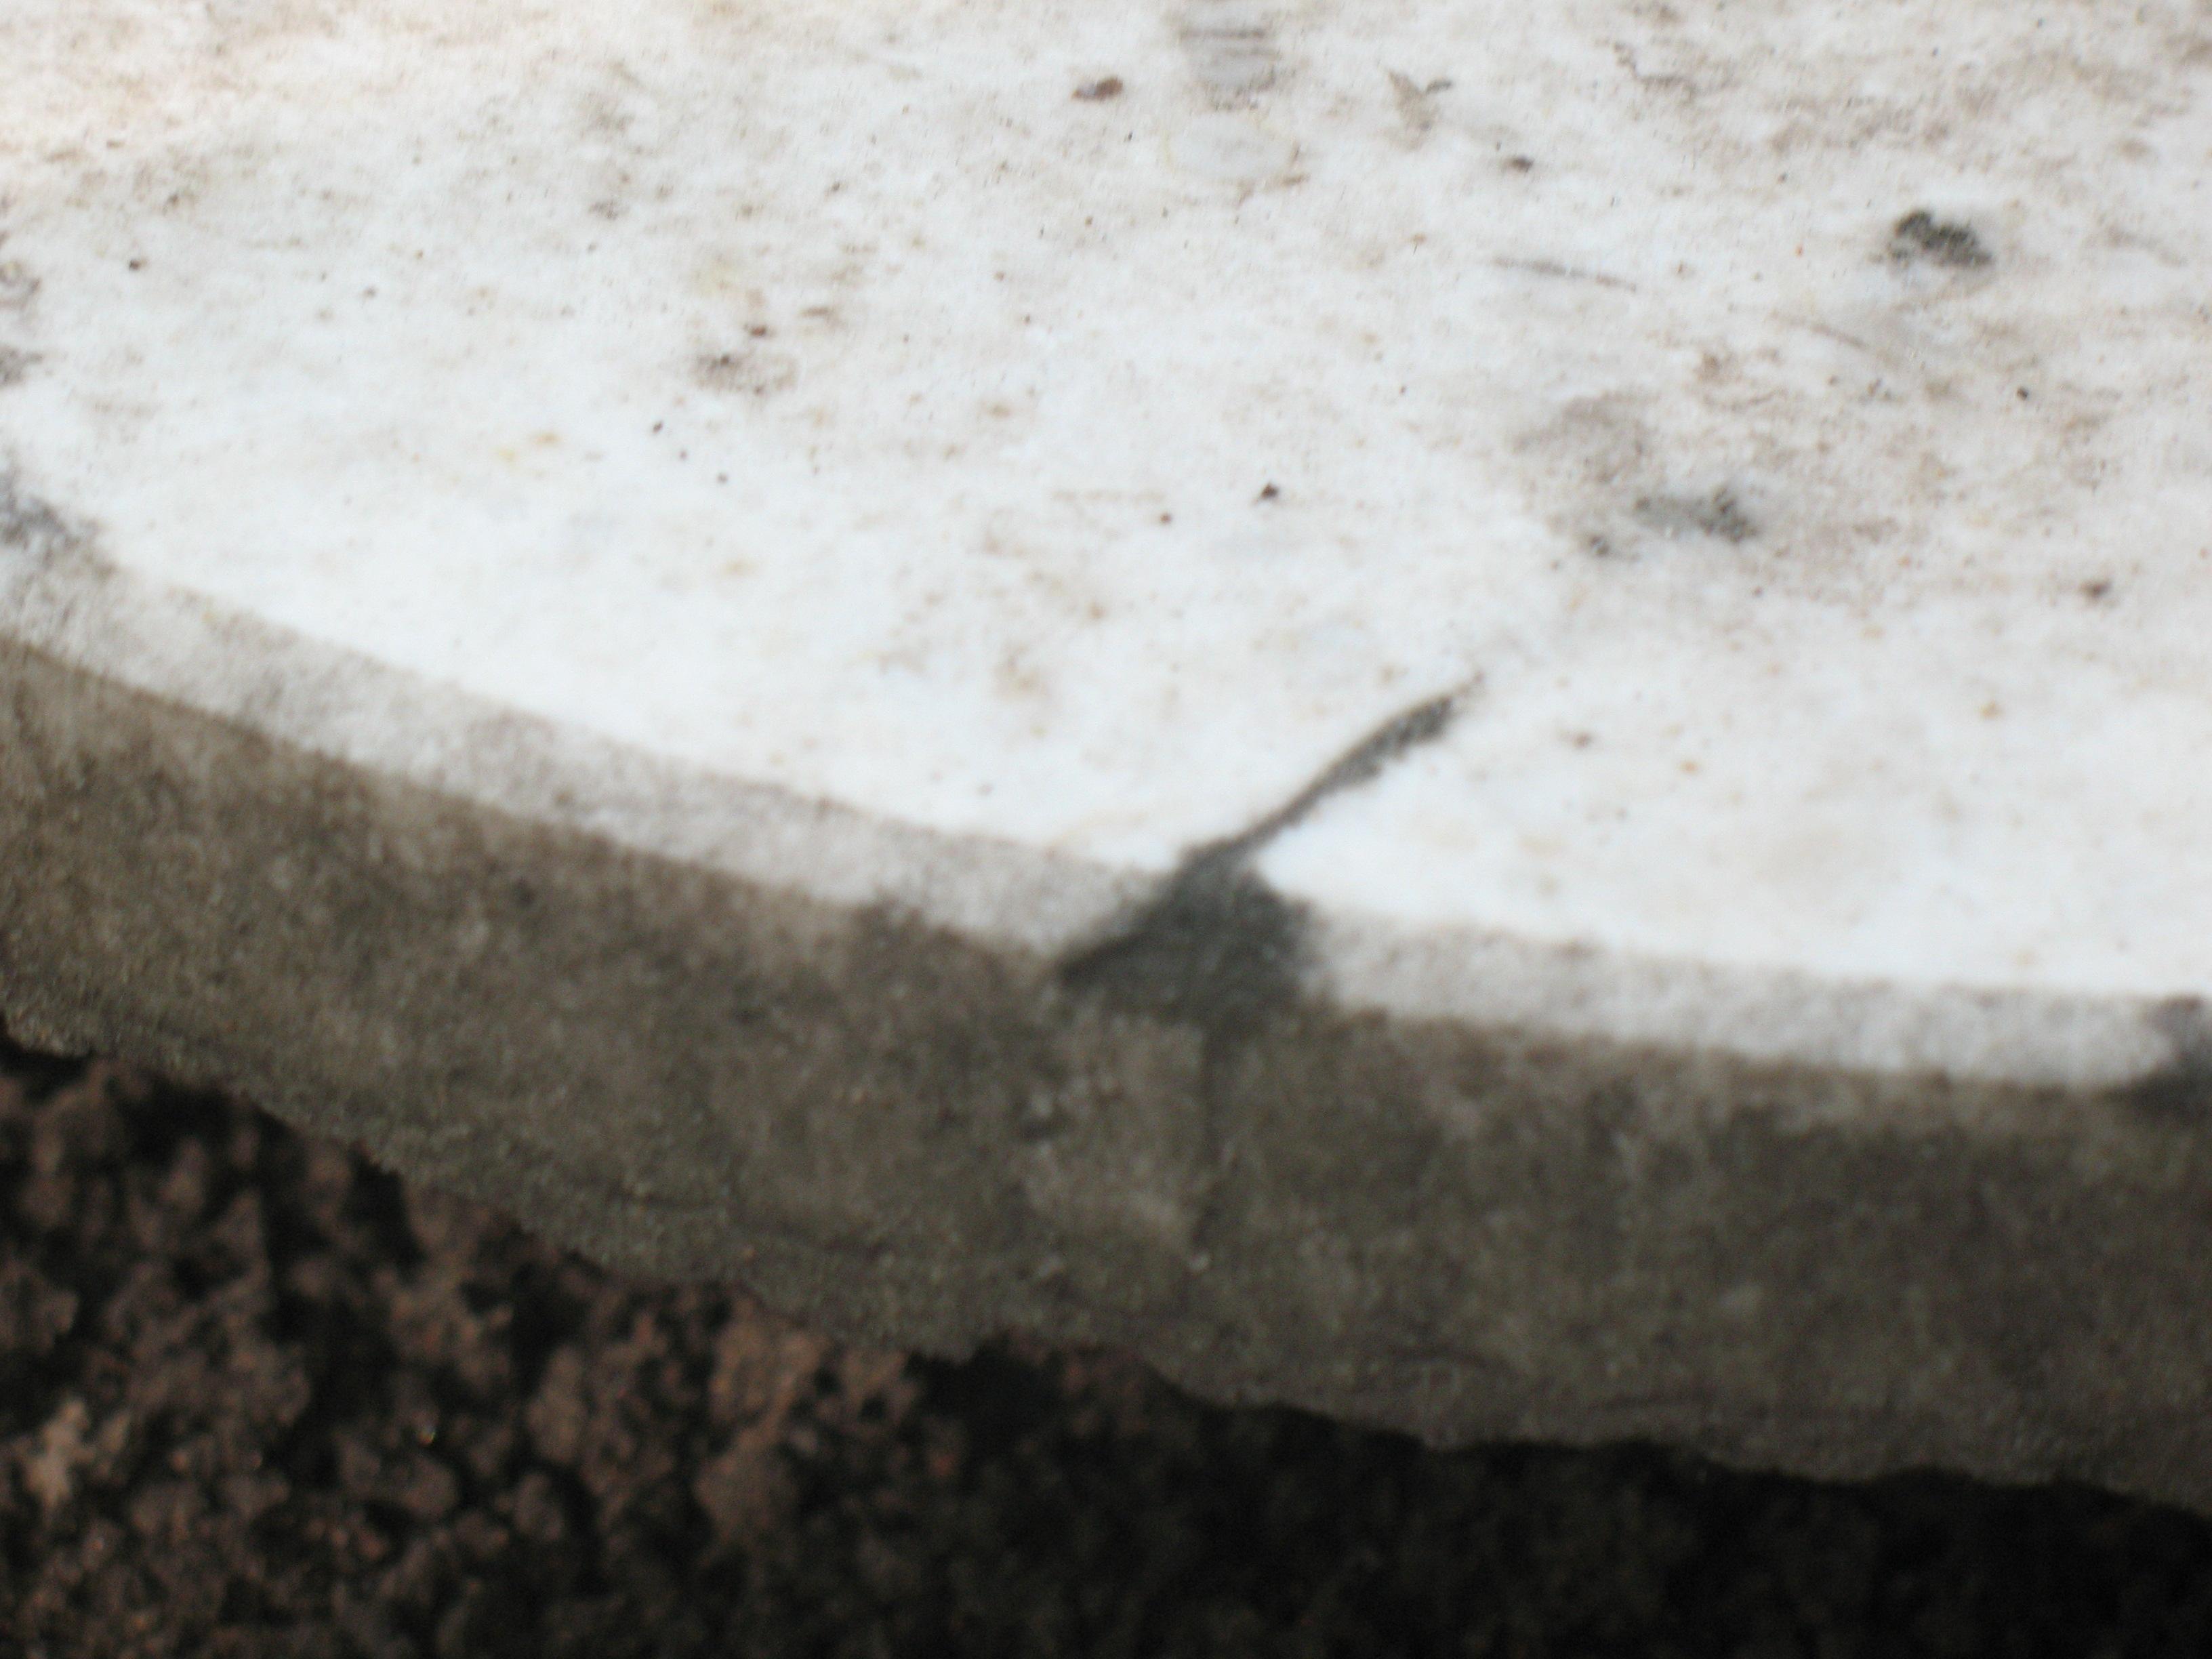 Выбоина неизвестного происхождения и грязевые наслоения на белом мраморе